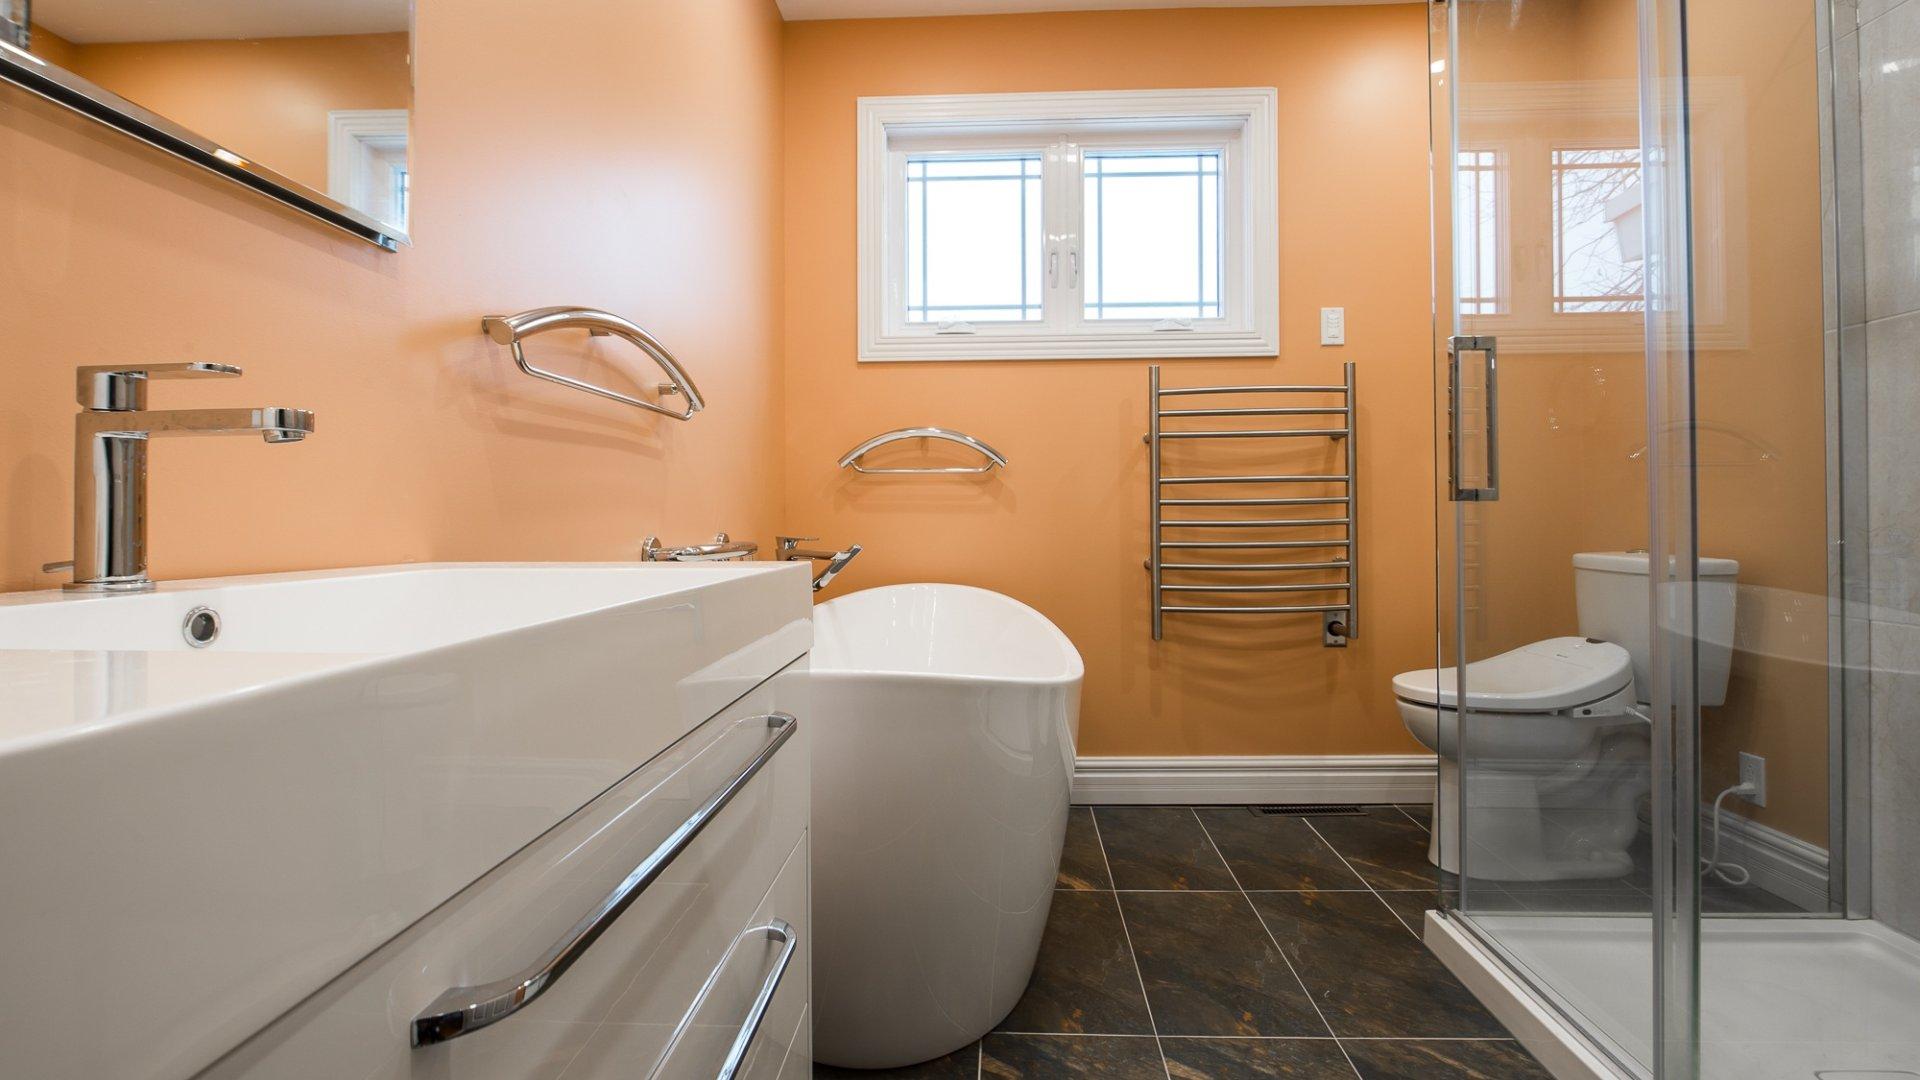 Parawany nawannowe Kraków, parawany nawannowe na wymiar Kraków, kabiny prysznicowe, lustra, łazienki - KabinyPrysznicowe.com